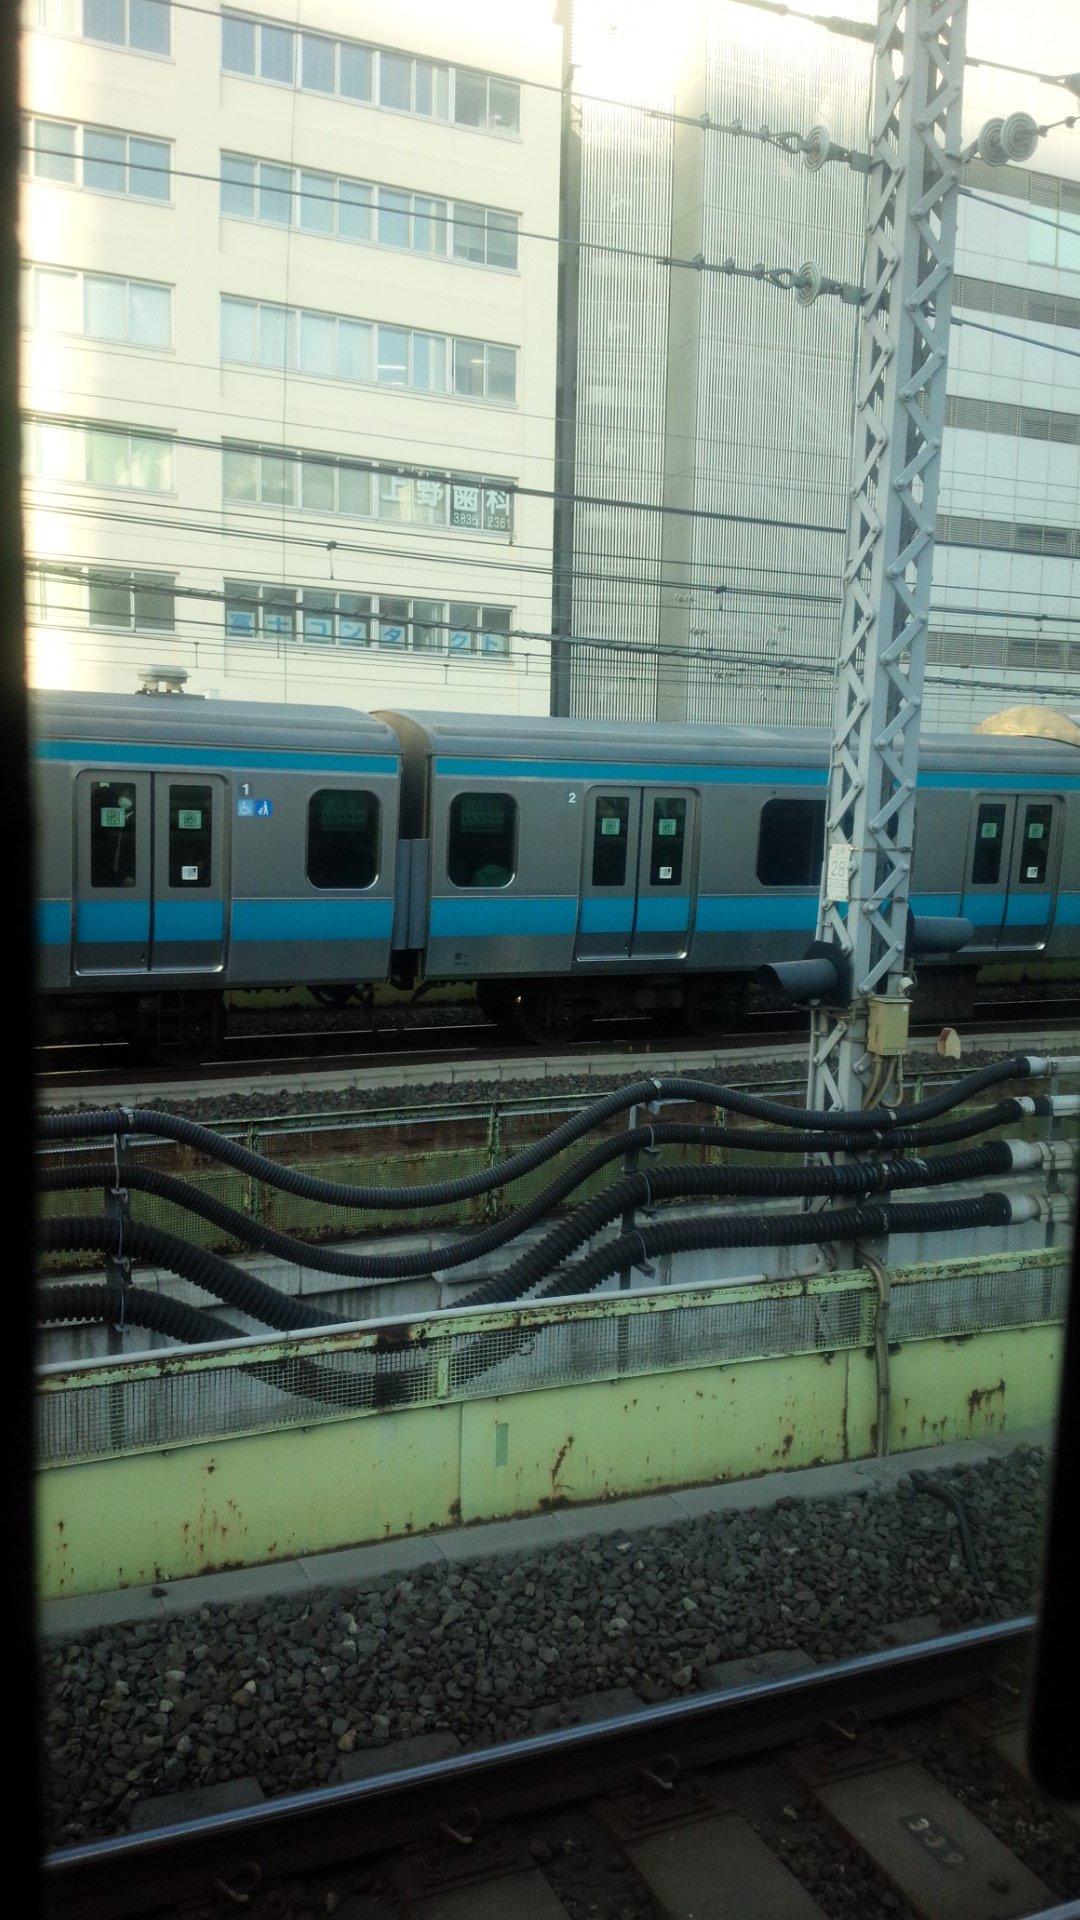 画像,常磐線停止なう゚(゚´Д`゚)゚日暮里駅で人身事故らすぃ゚(゚´Д`゚)゚ https://t.co/9c6lOu6INX…